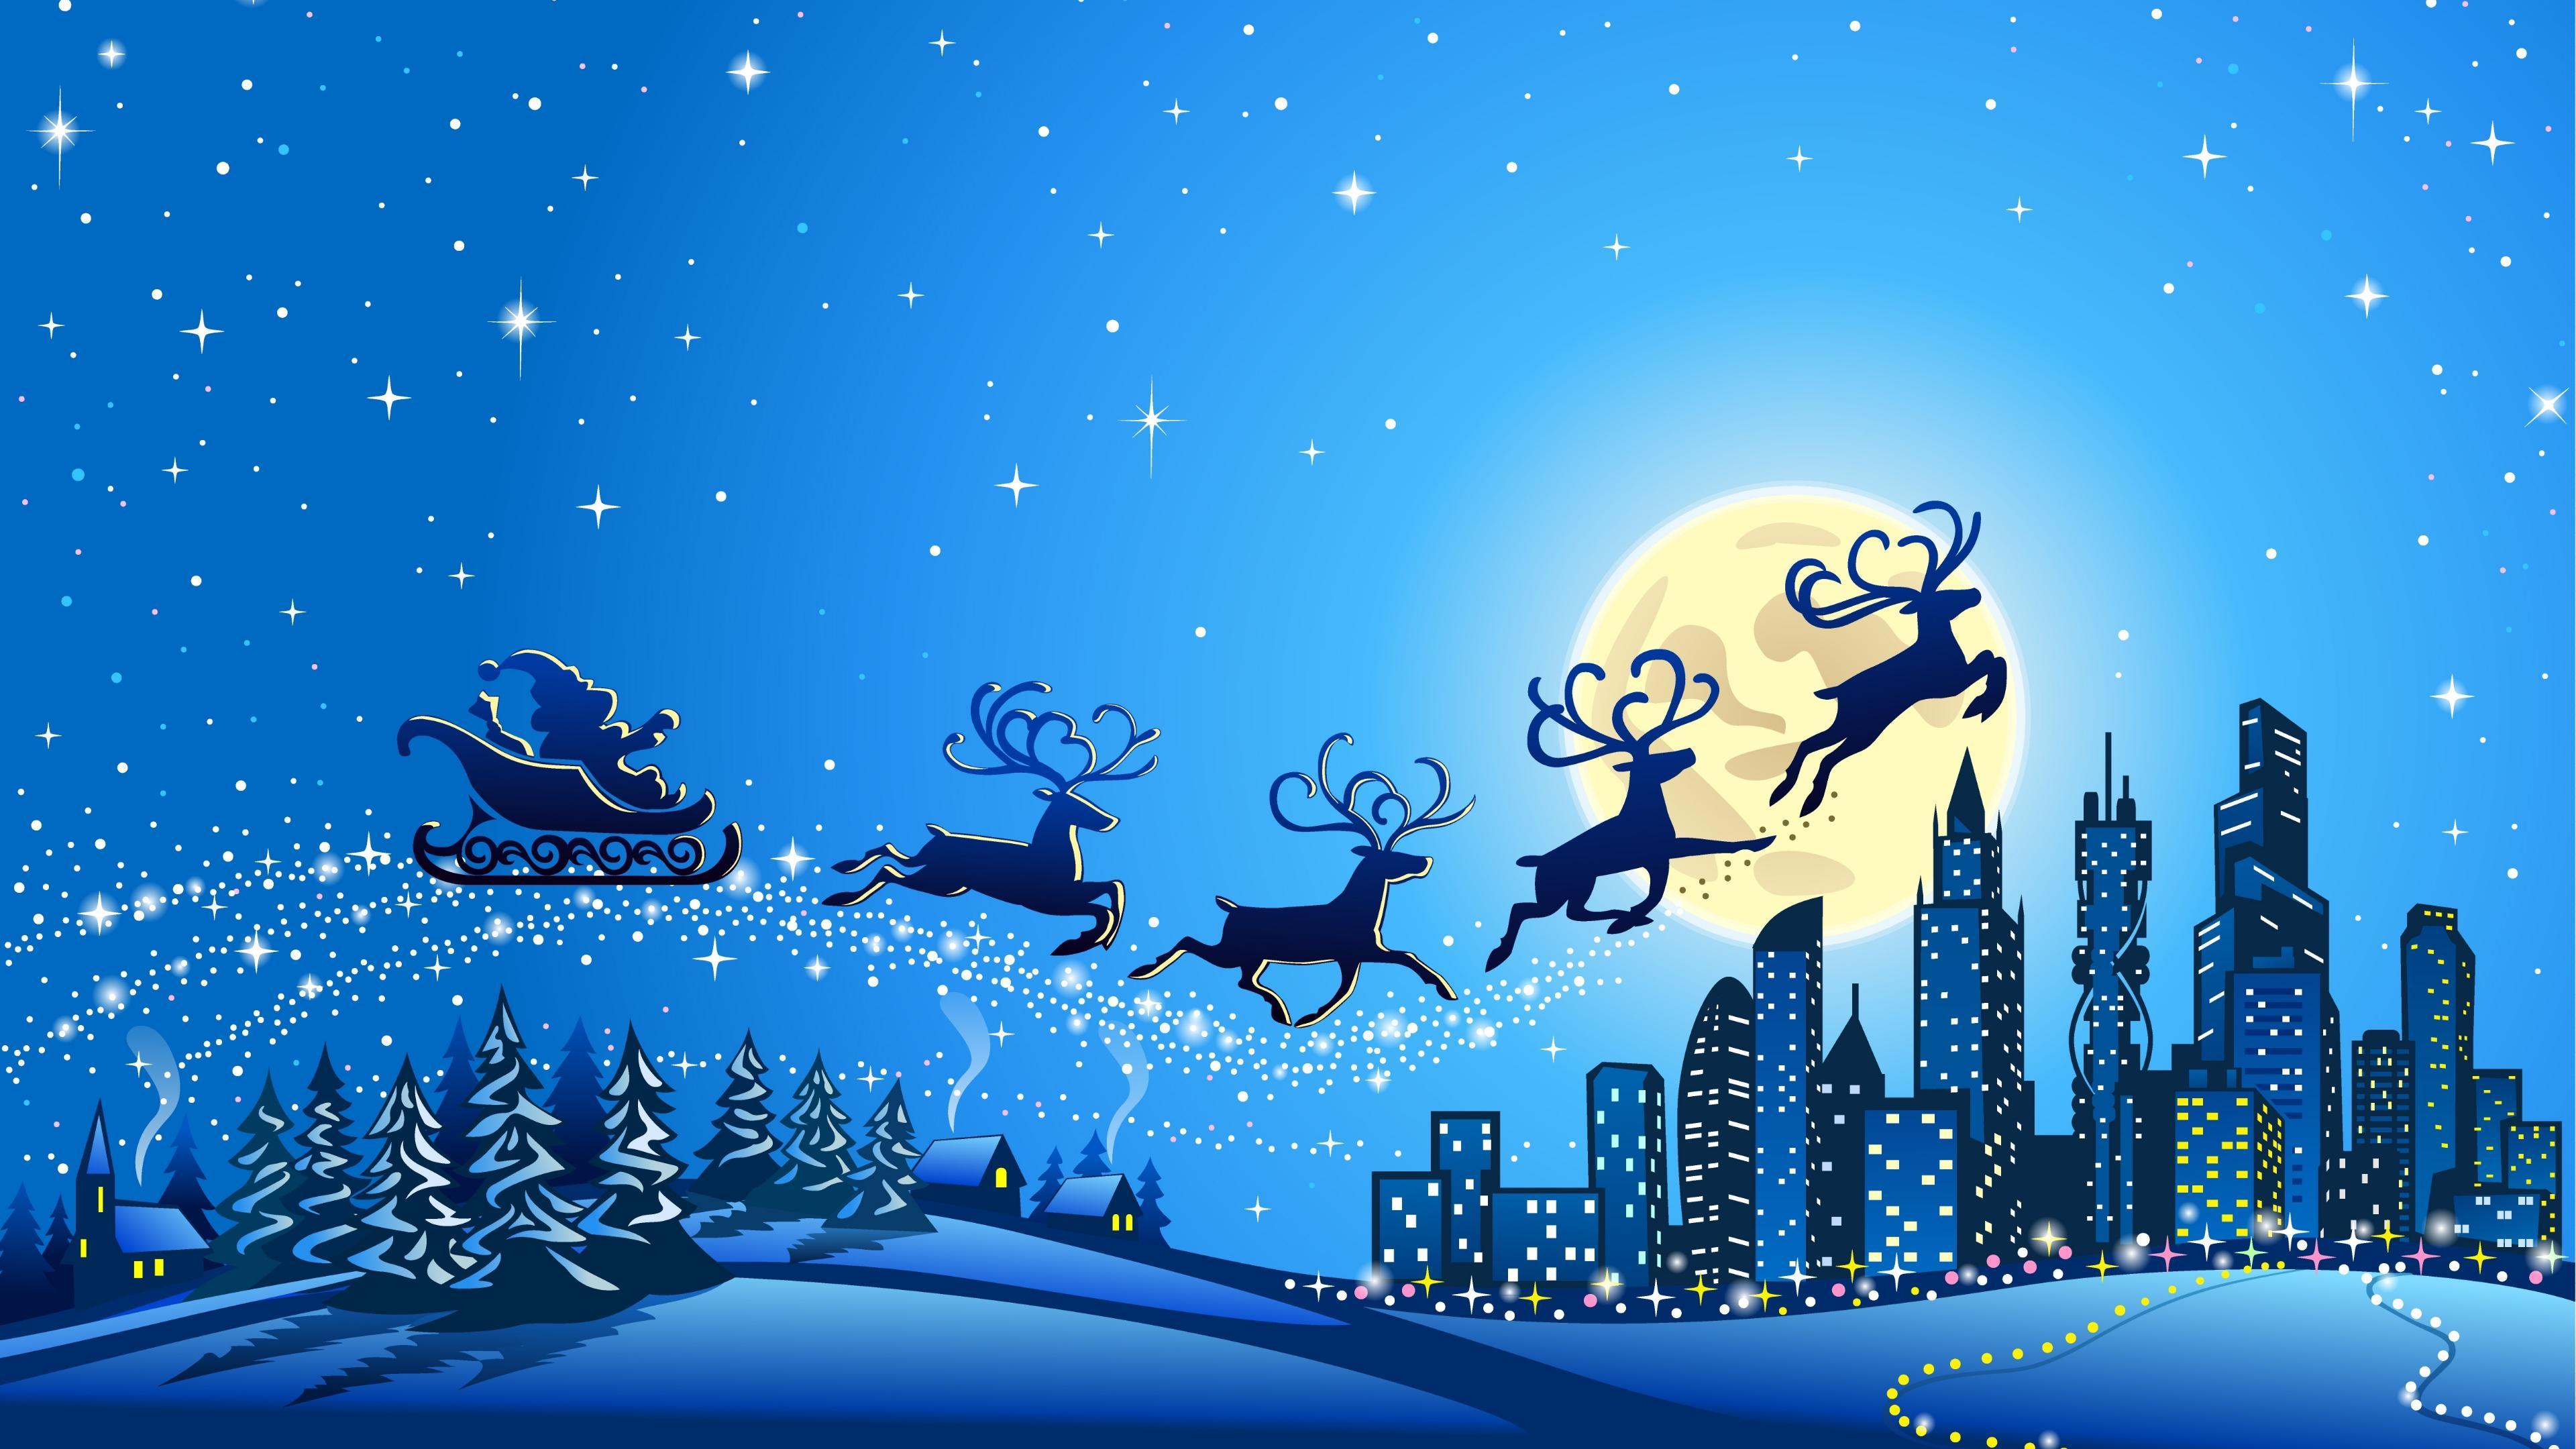 Giáng sinh ấm áp cùng Nanosoft